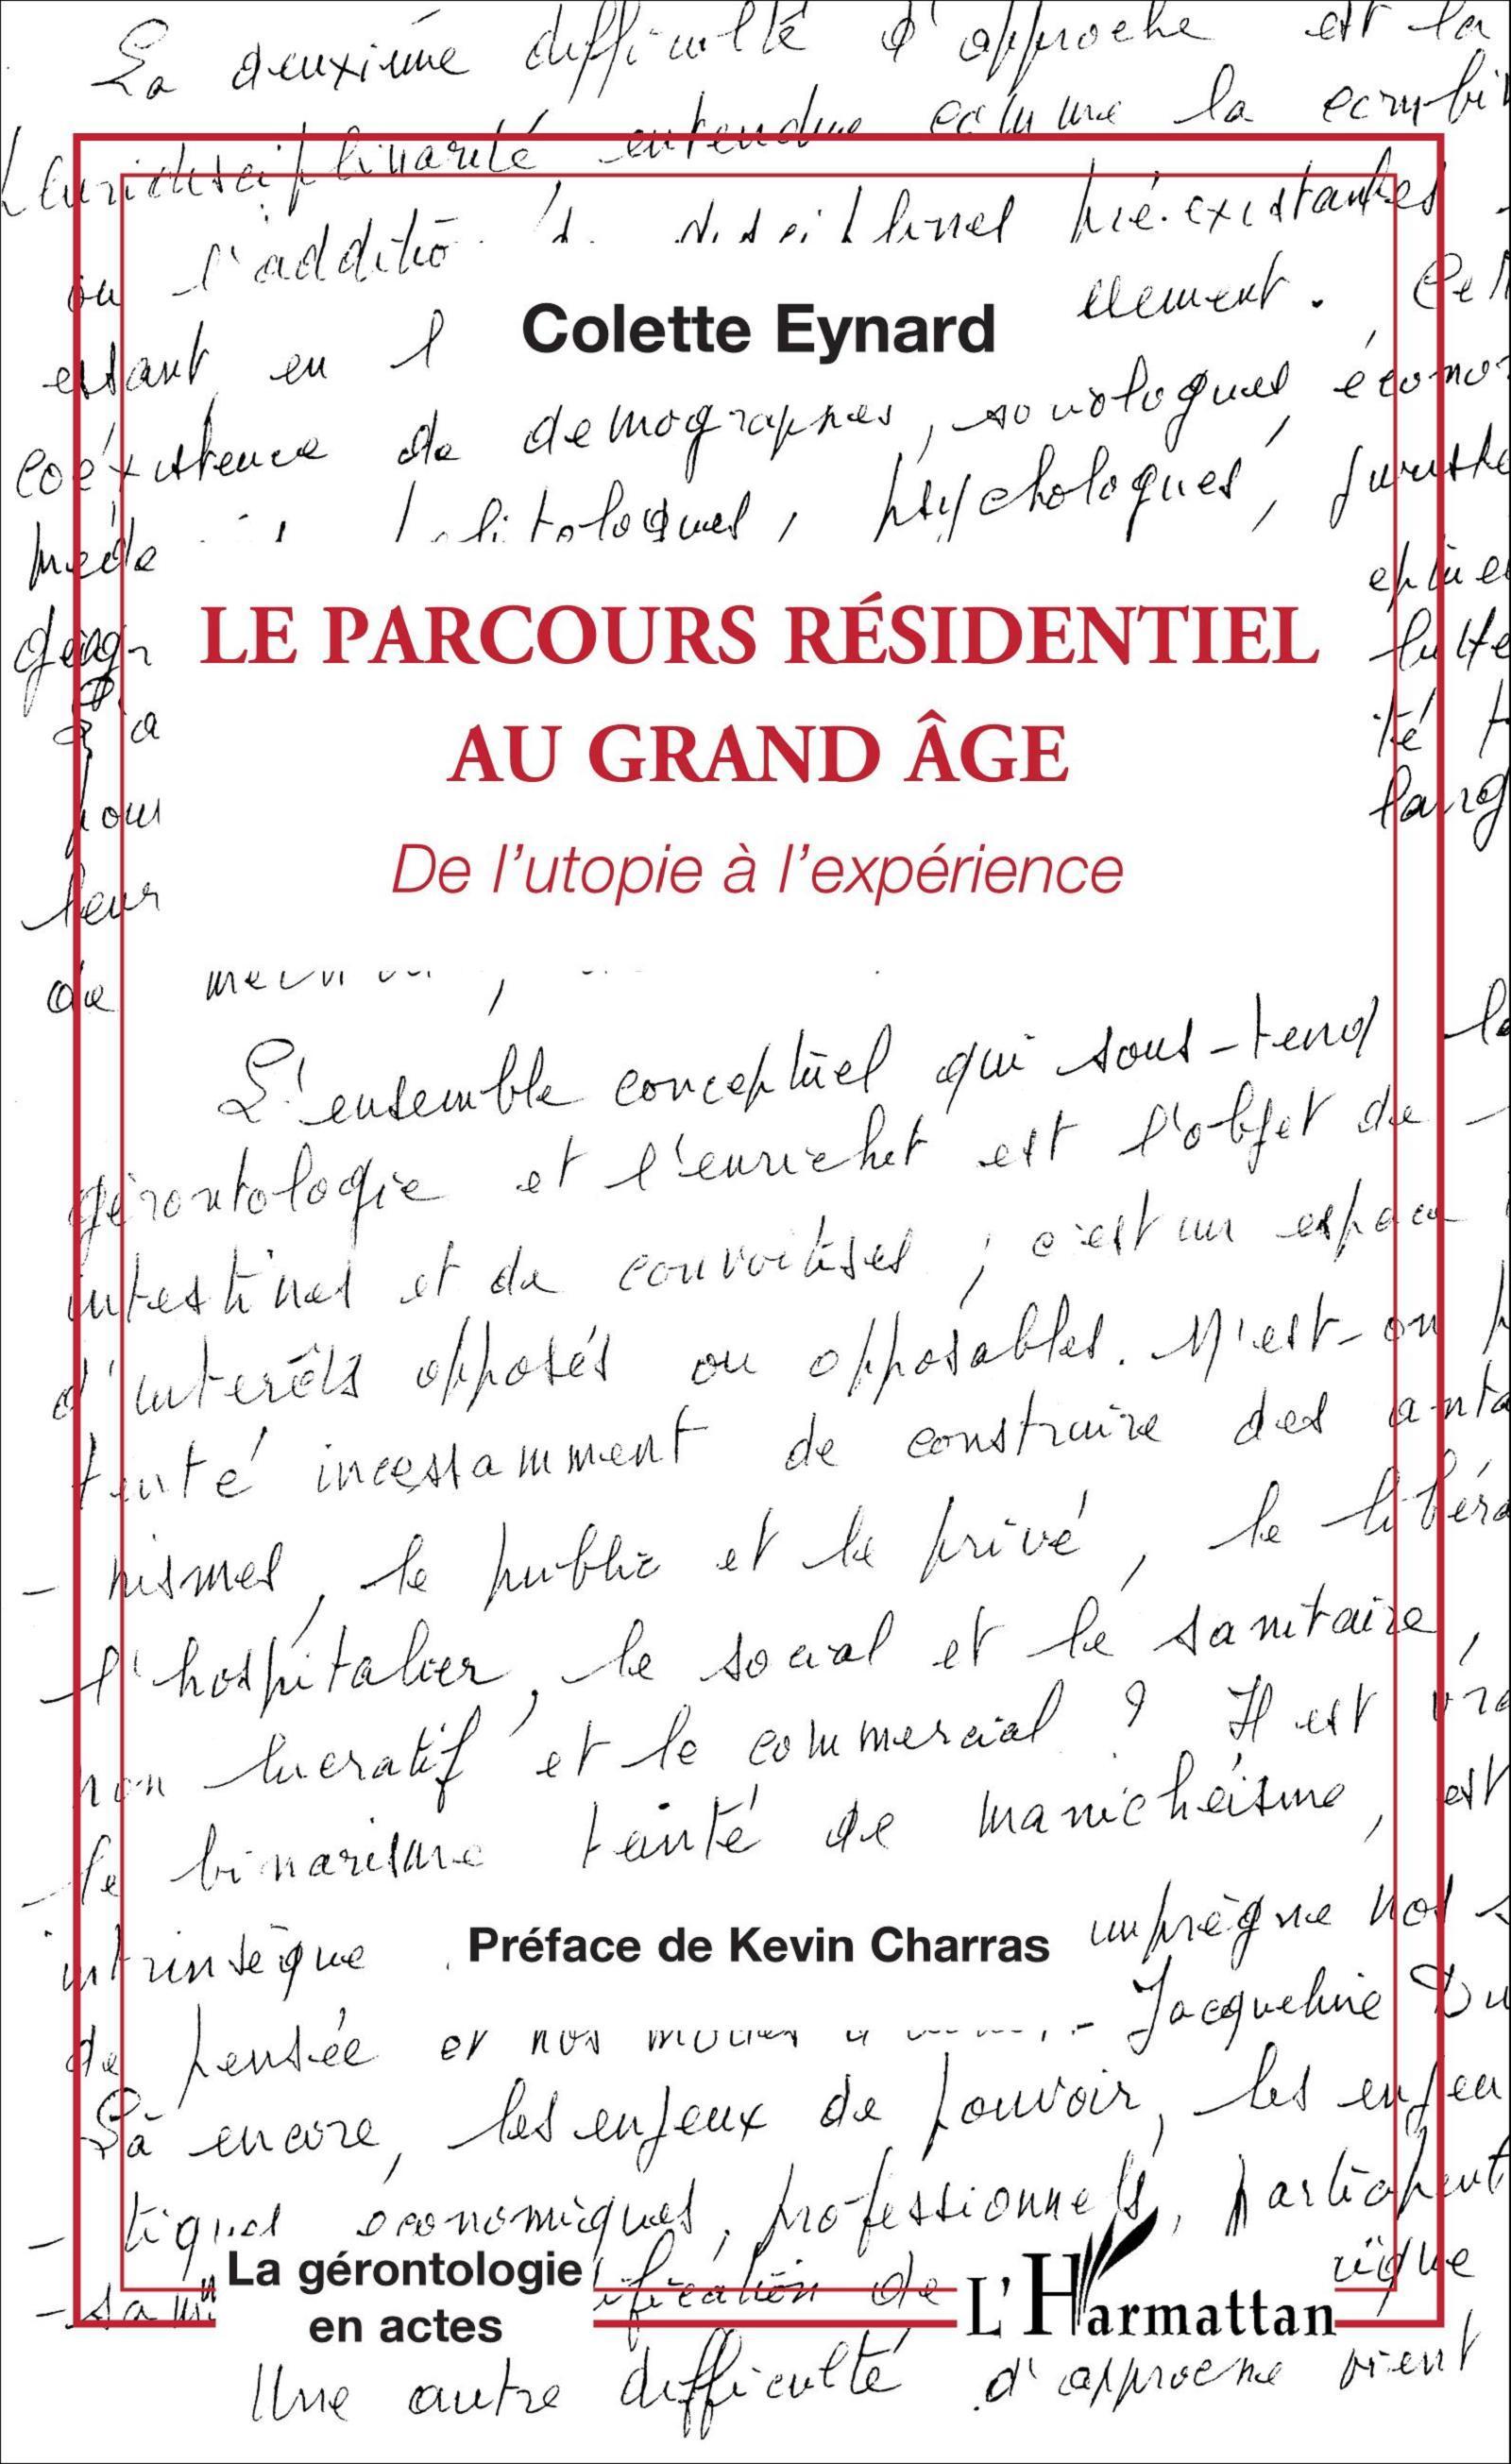 PARCOURS RESIDENTIEL AU GRAND AGE (LE)  DE L'UTOPIE A L'EXPERIENCE